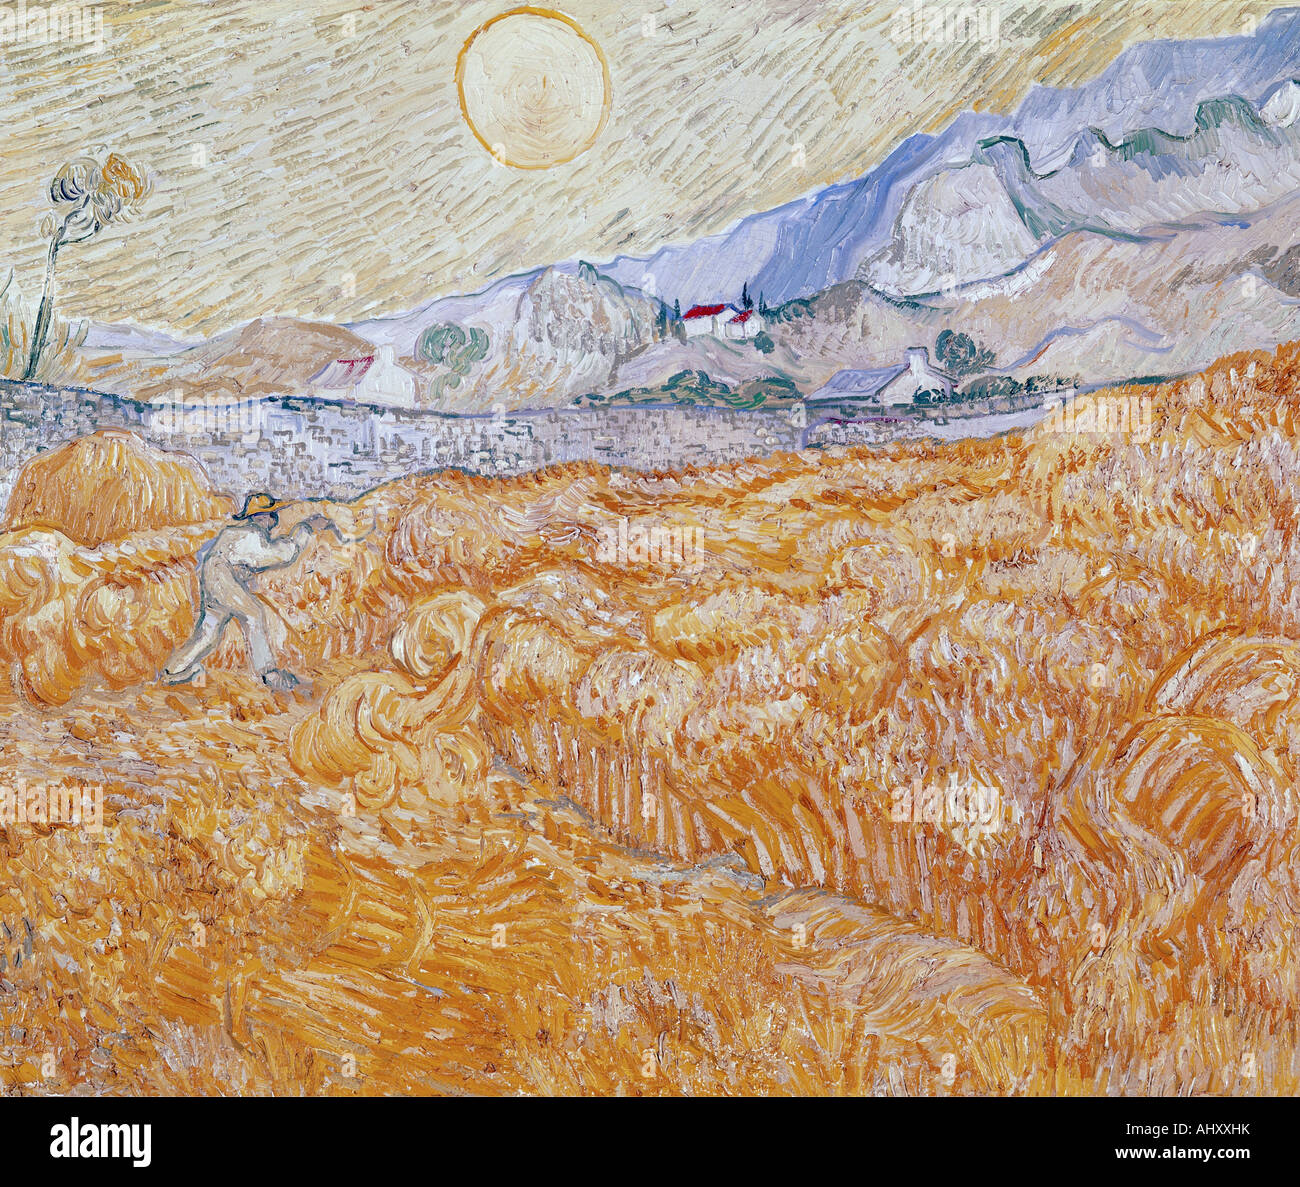 """""""Fine Arts, Gogh, Vincent van, (1853-1890), Malerei,""""die Ernte"""", 1889, Folkwang Museum Essen, historisch, historische, Stockfoto"""